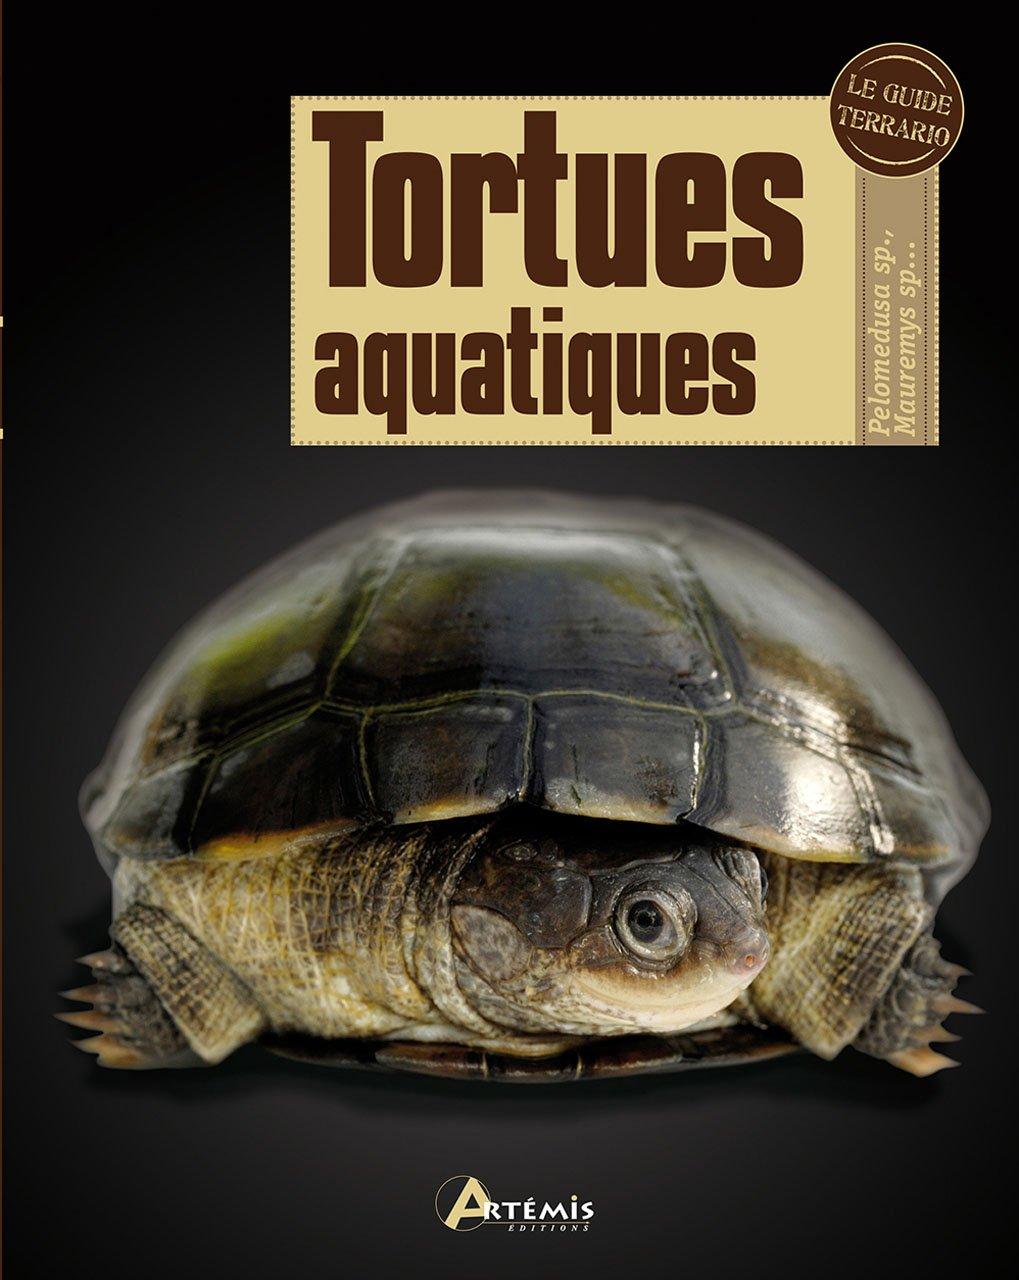 TORTUES AQUATIQUES Relié – 4 juin 2012 Kirkpatrick David T. Artemis 2816002586 Livres de référence